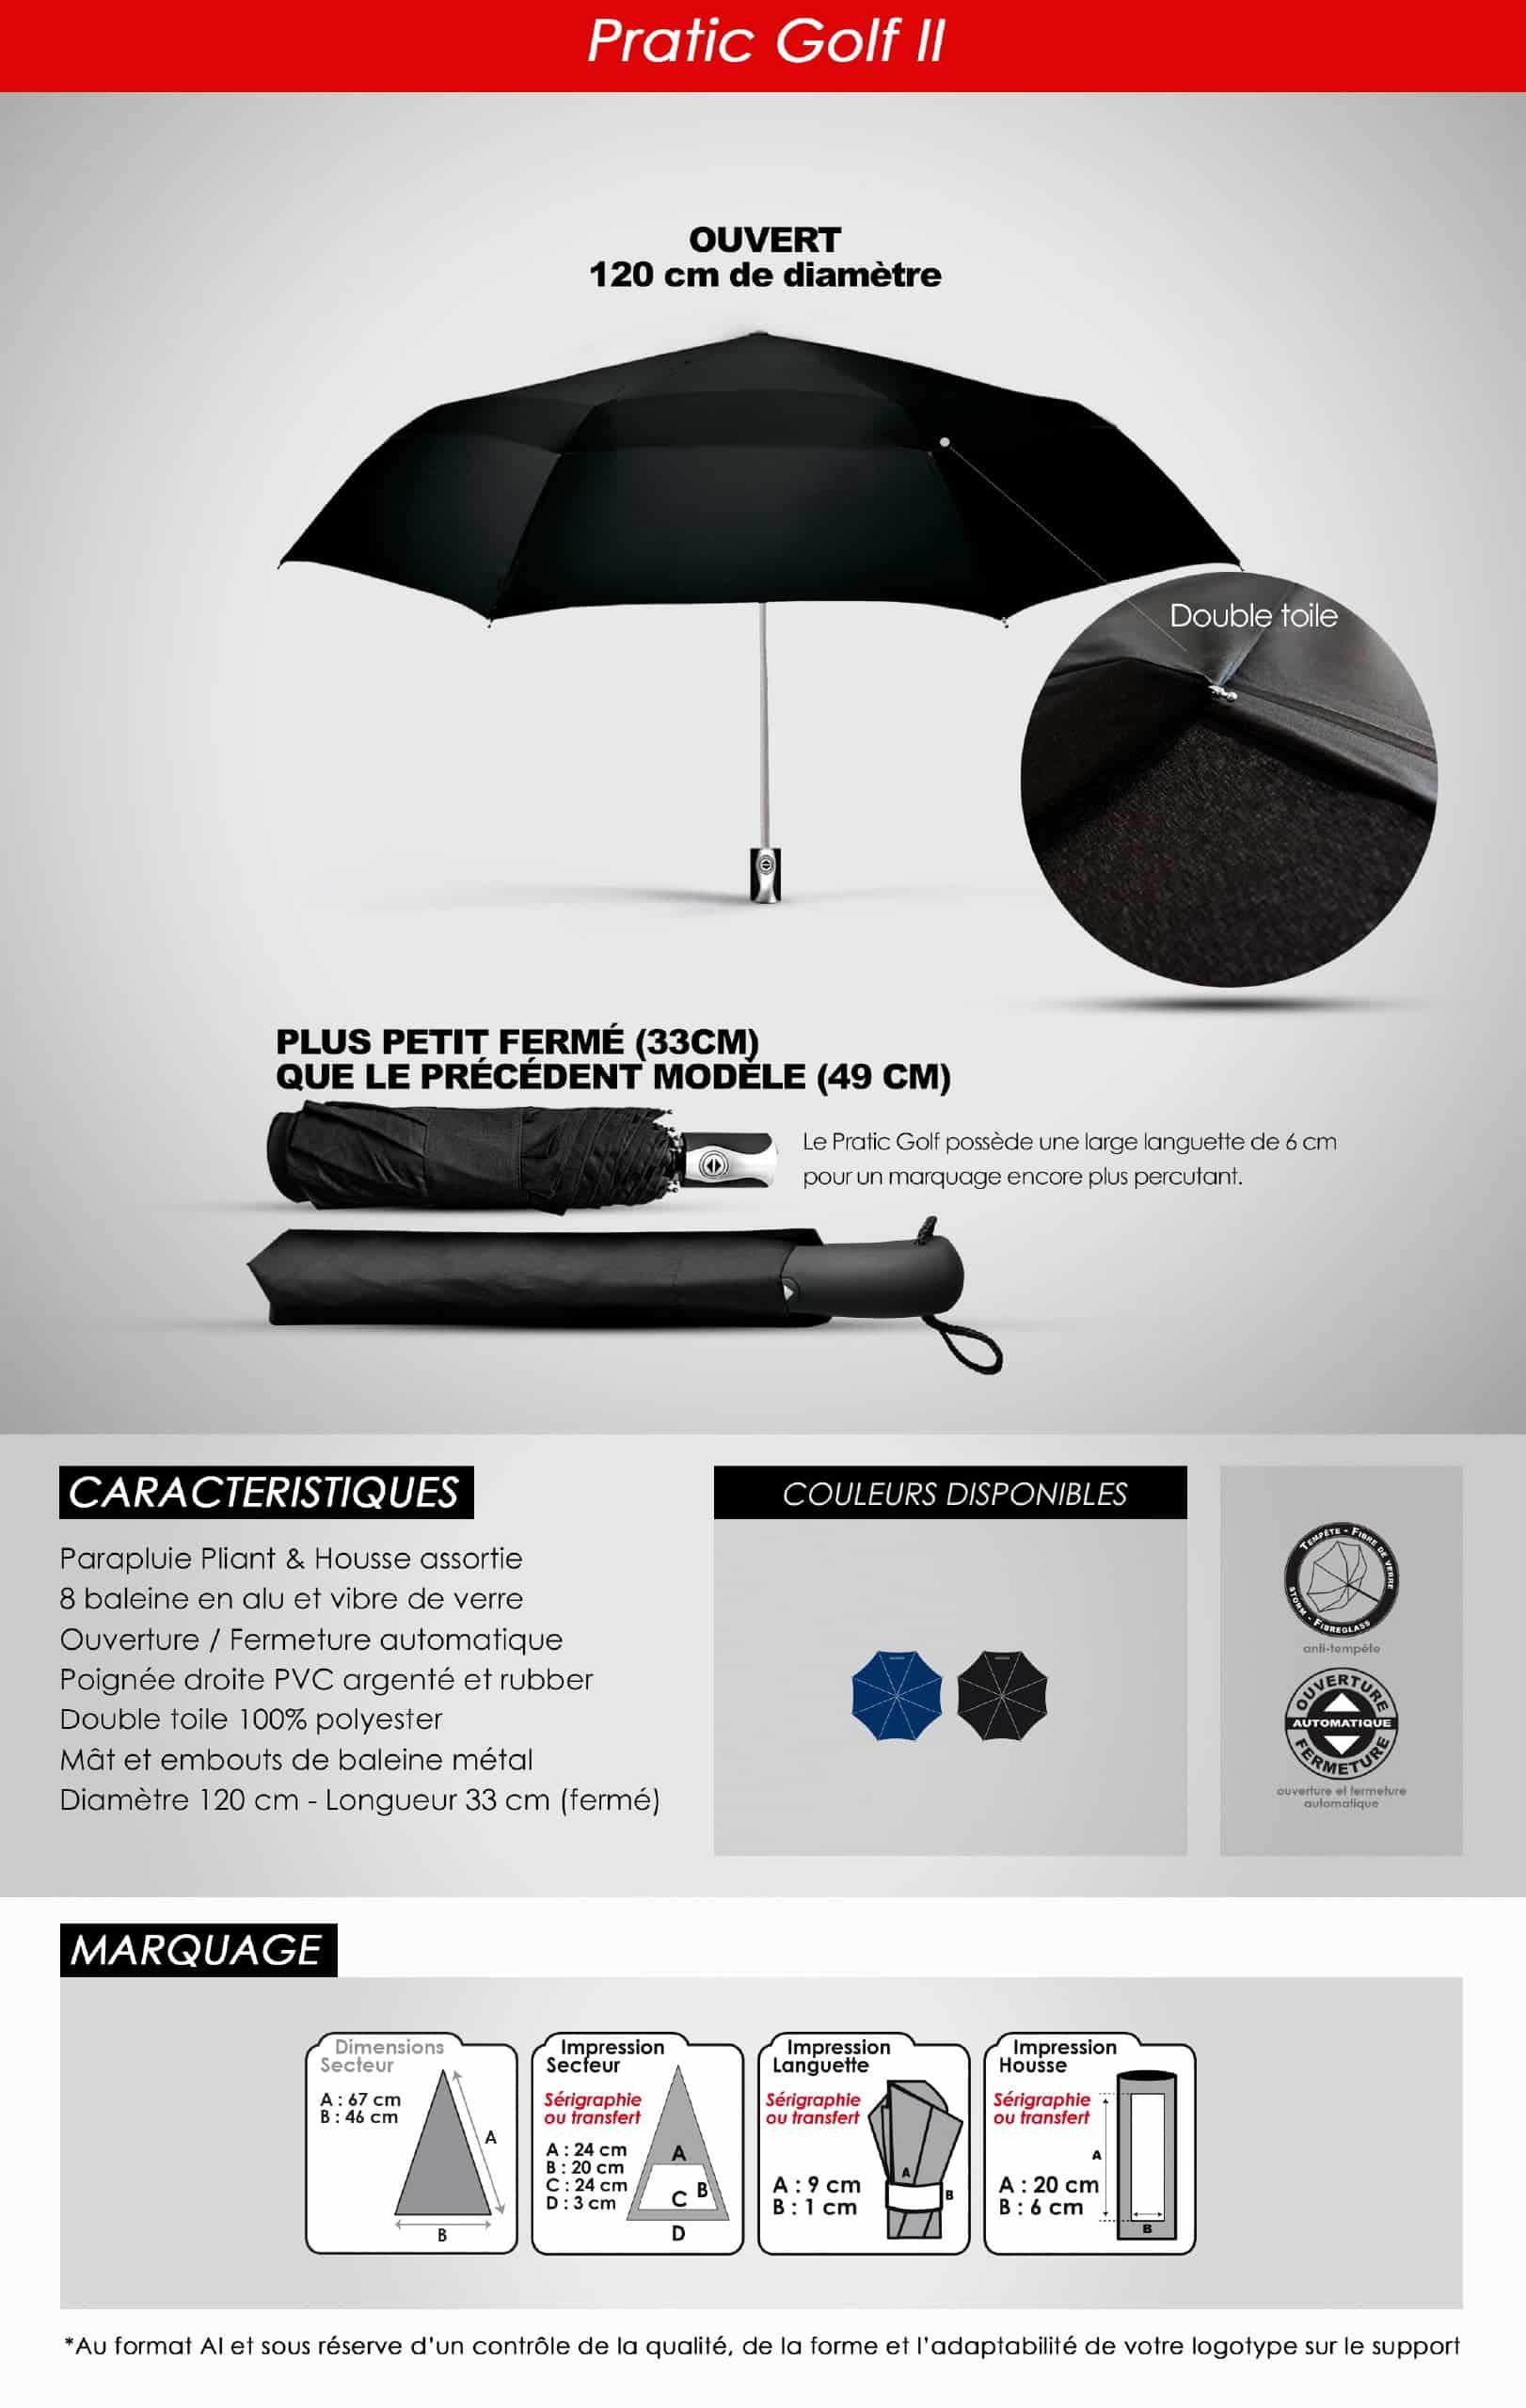 parapluie publicitaire golf pliant